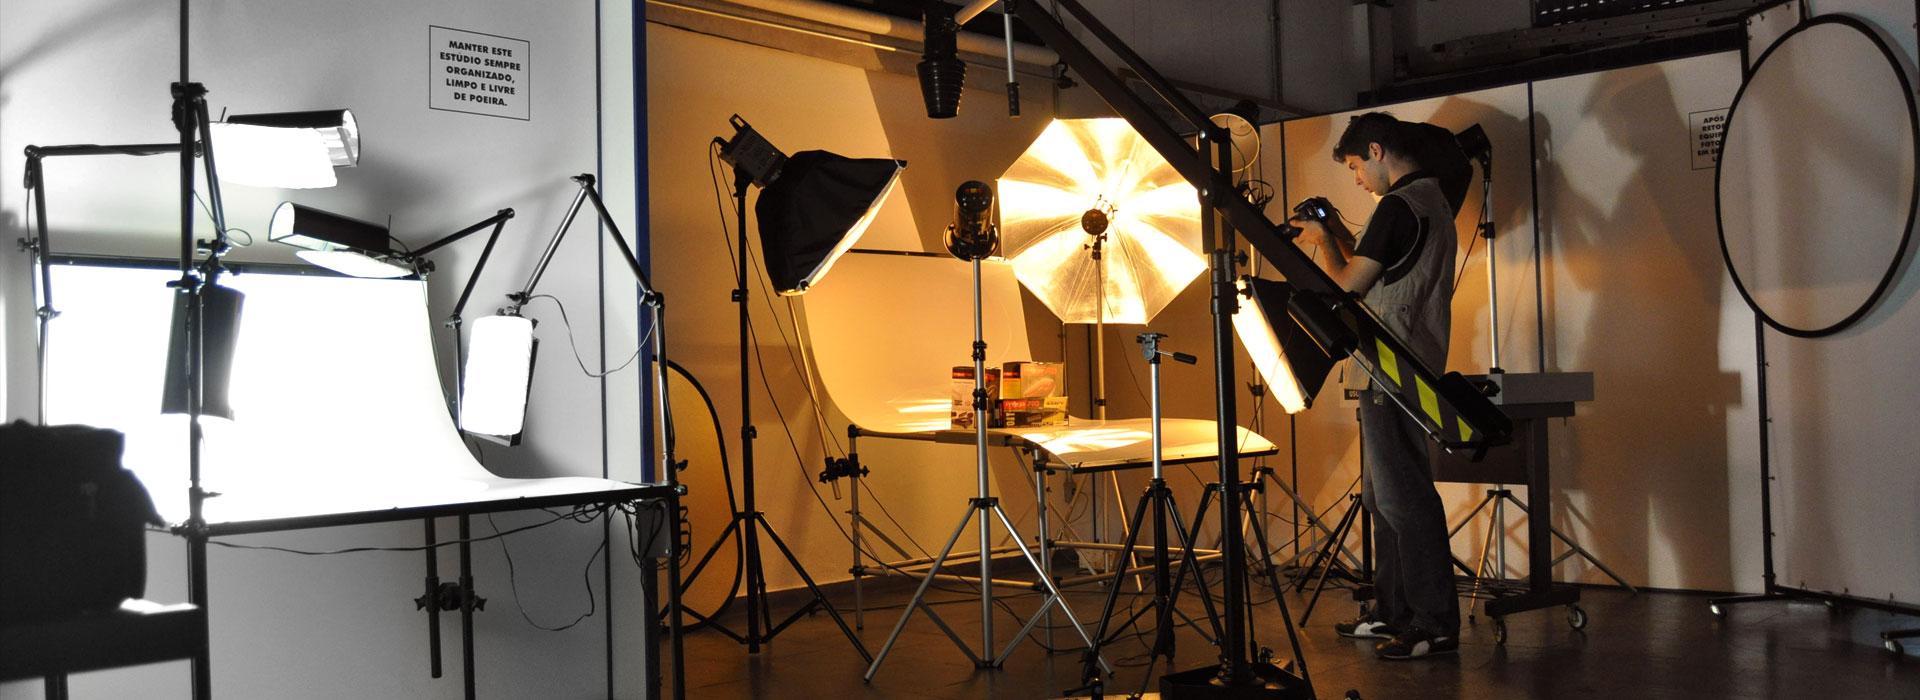 Estudio-Fotografia-Still-Modelo-Stilo-Arte